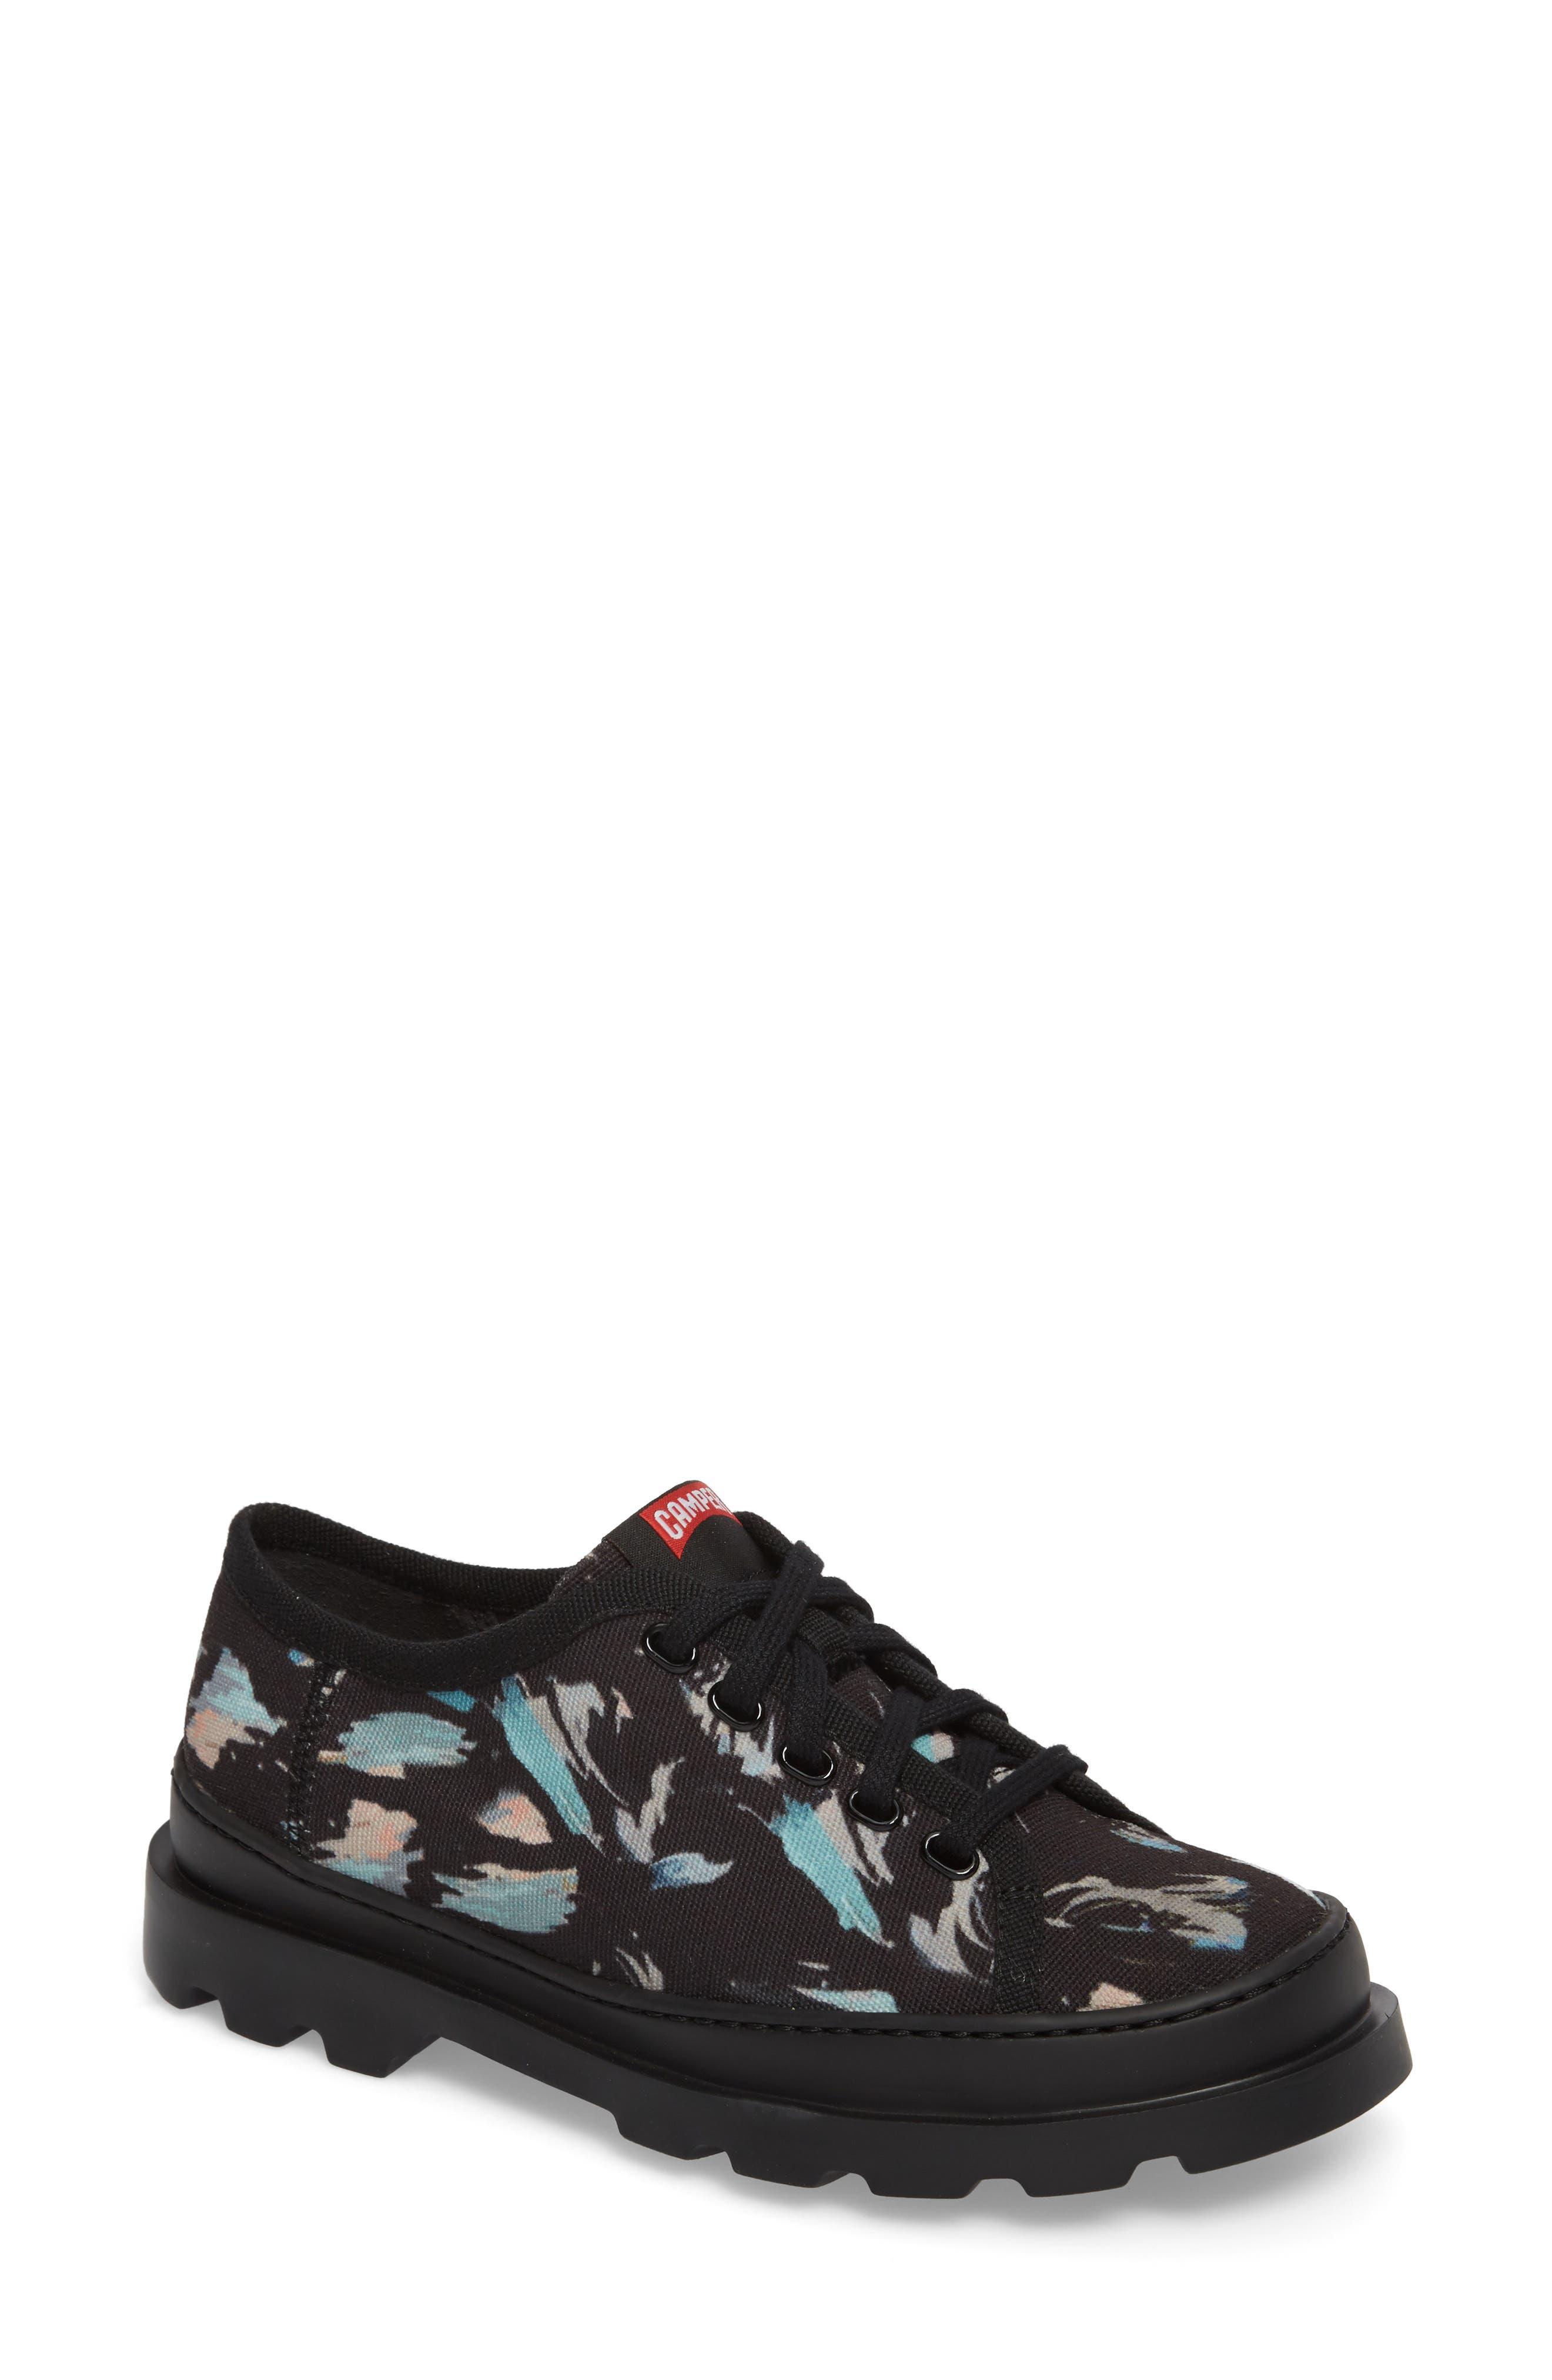 CAMPER Brutus Lugged Platform Sneaker, Main, color, 001